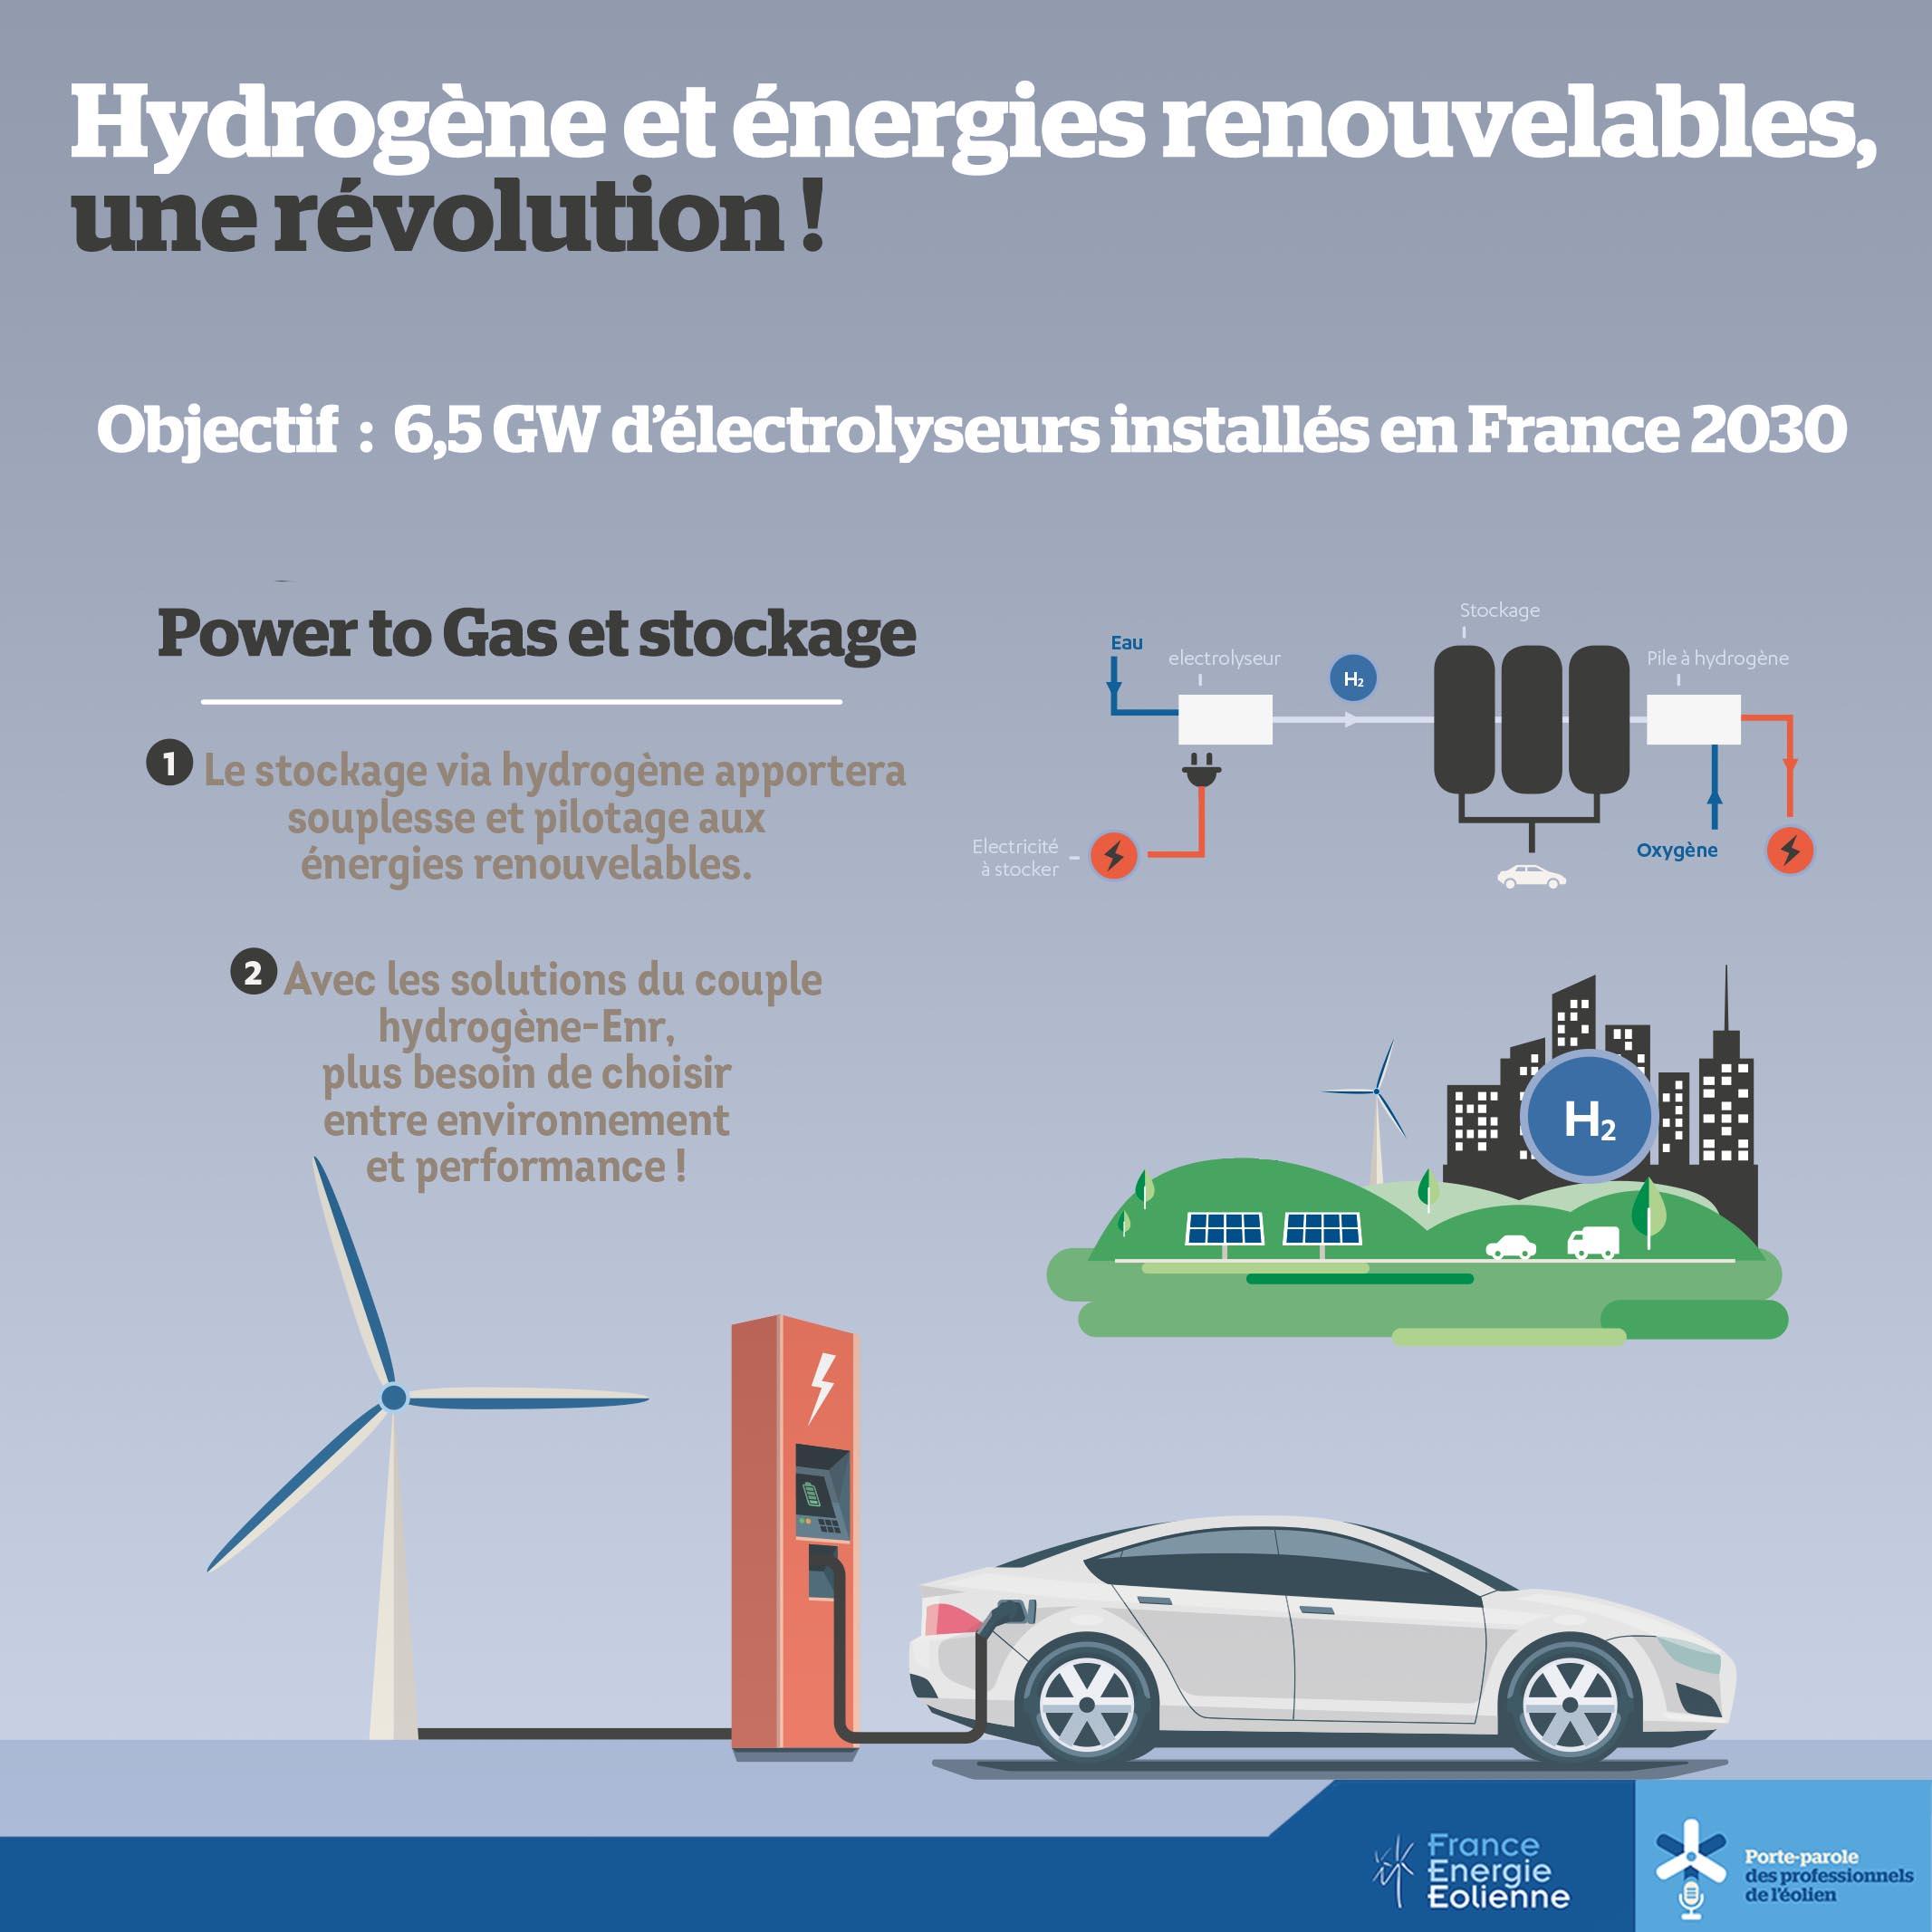 L'hydrogène vert, un élément incontournable du futur mix énergétique